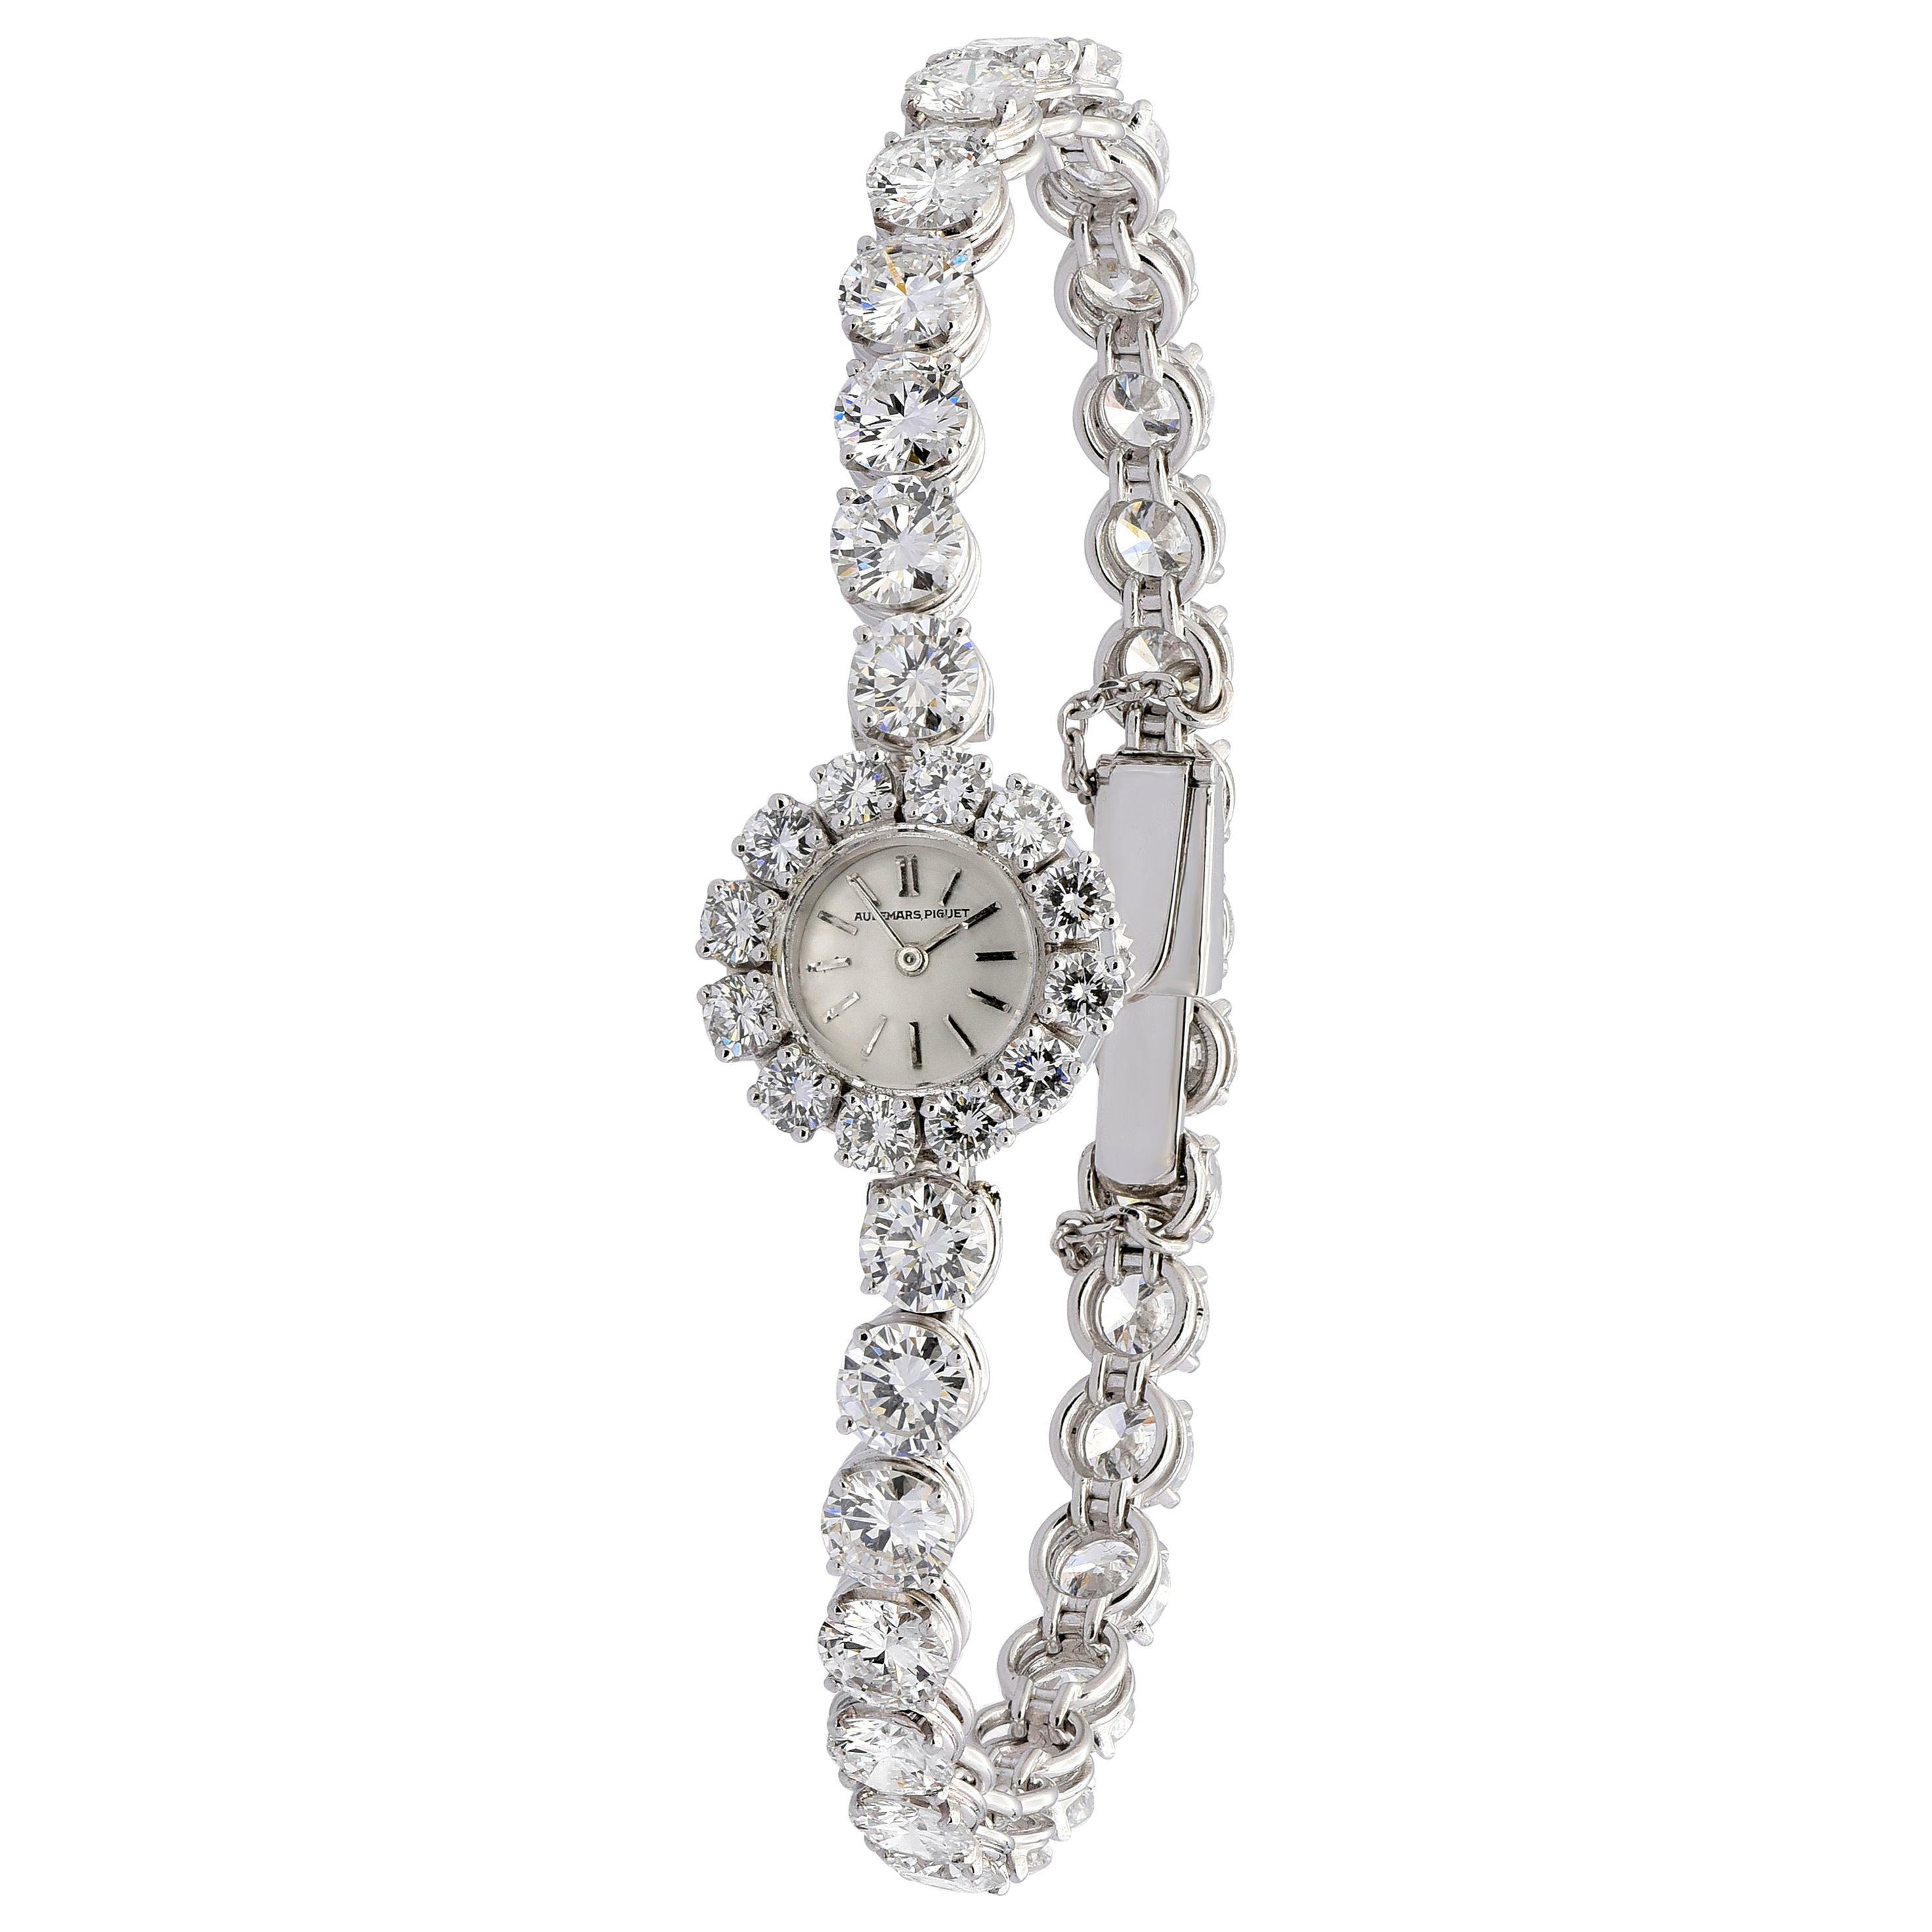 Audemars Piguet Platinum Diamond Tennis Bracelet Watch